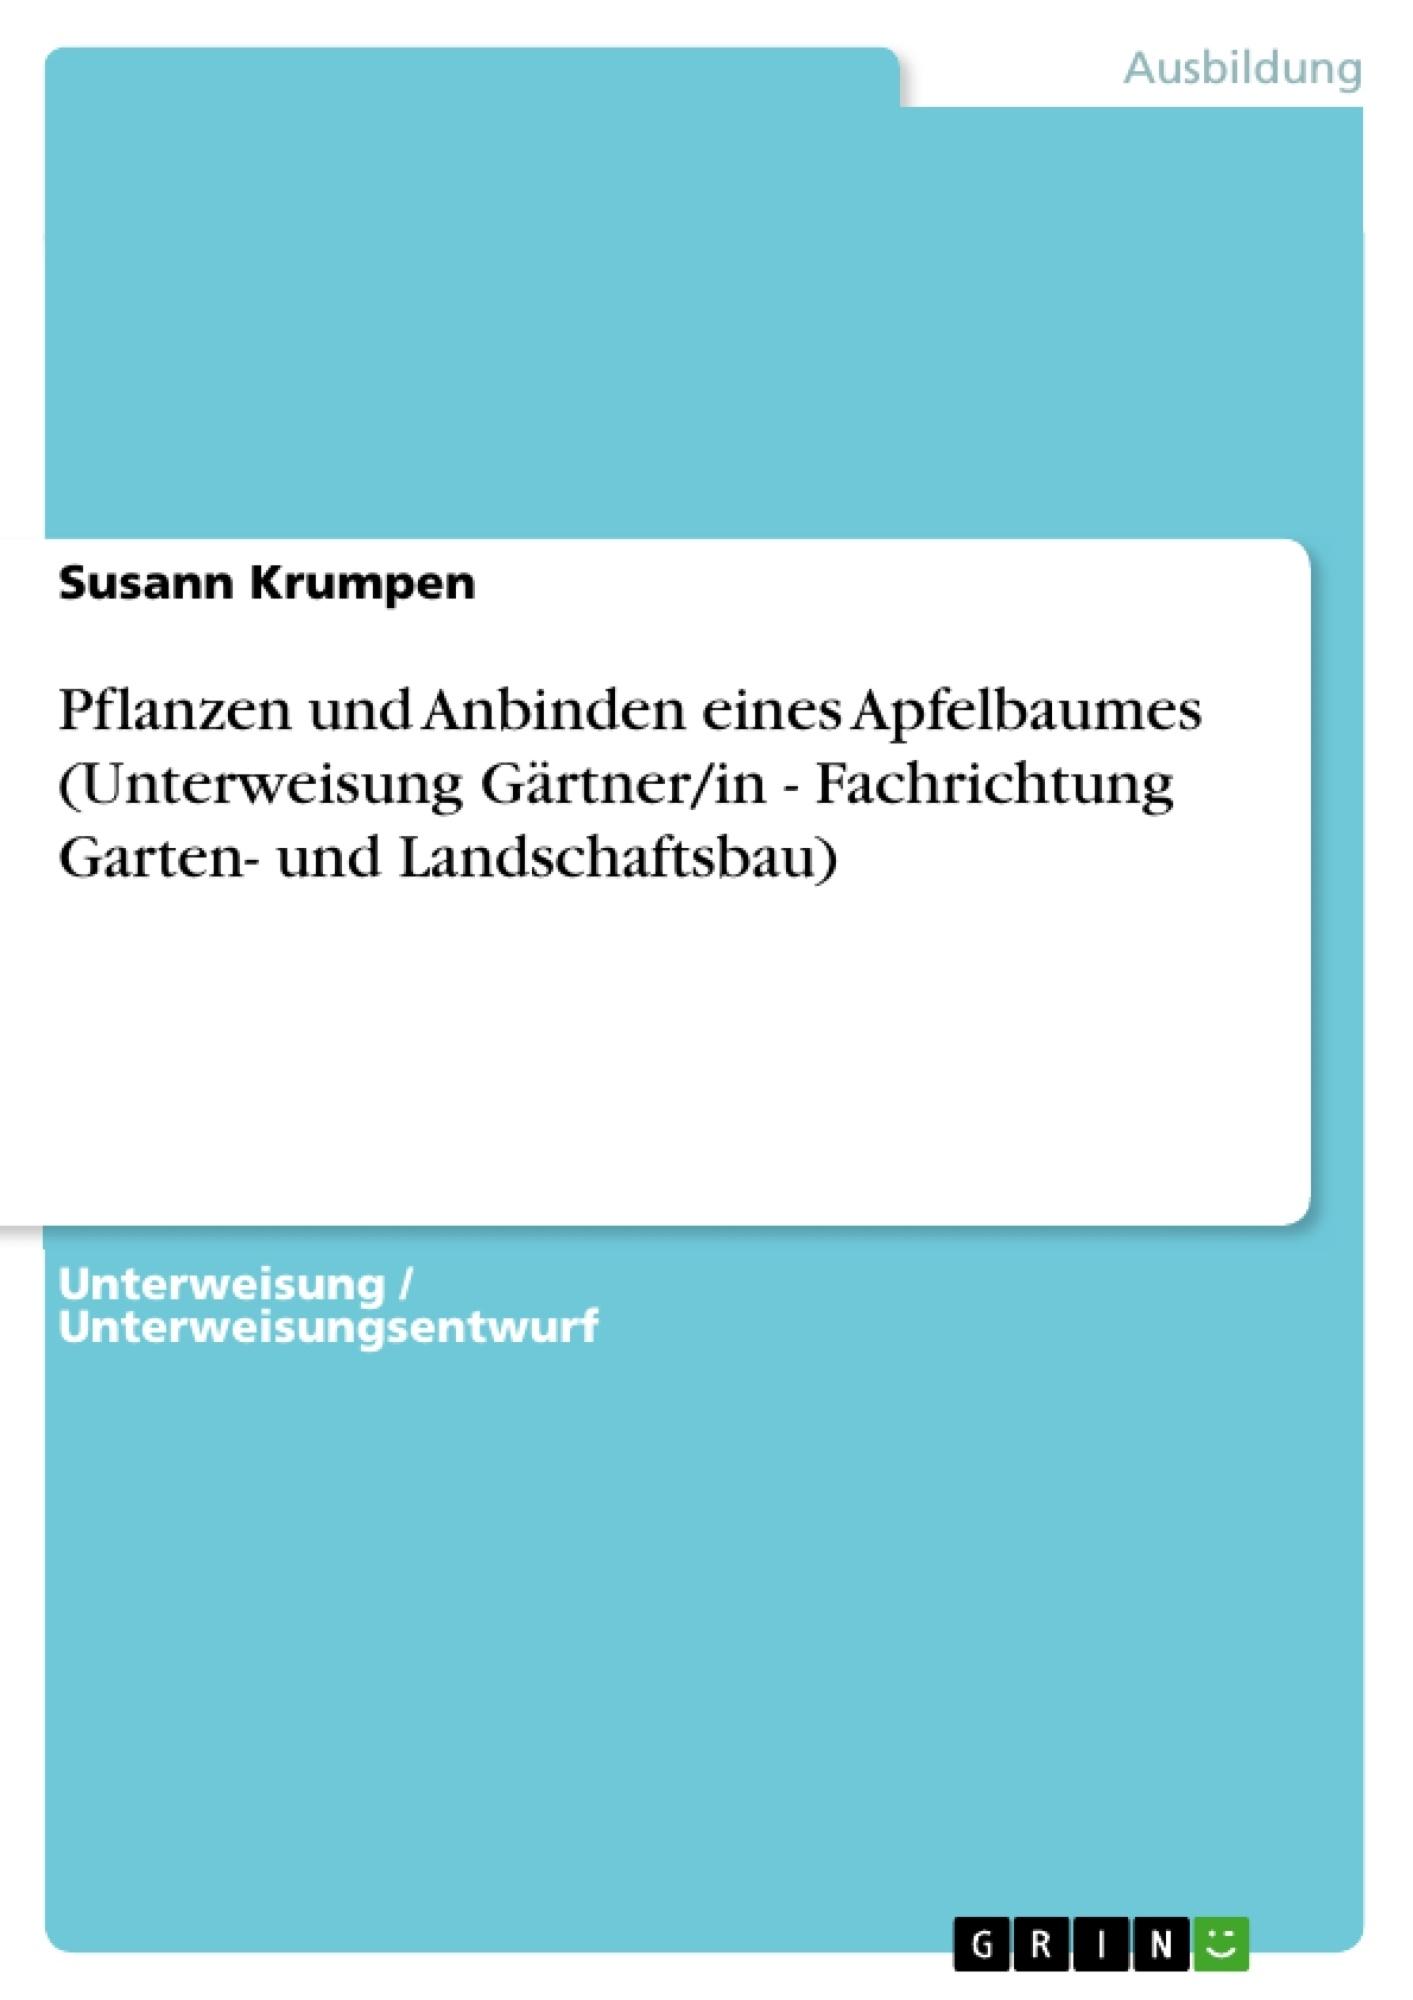 Titel: Pflanzen und Anbinden eines Apfelbaumes (Unterweisung Gärtner/in - Fachrichtung Garten- und Landschaftsbau)